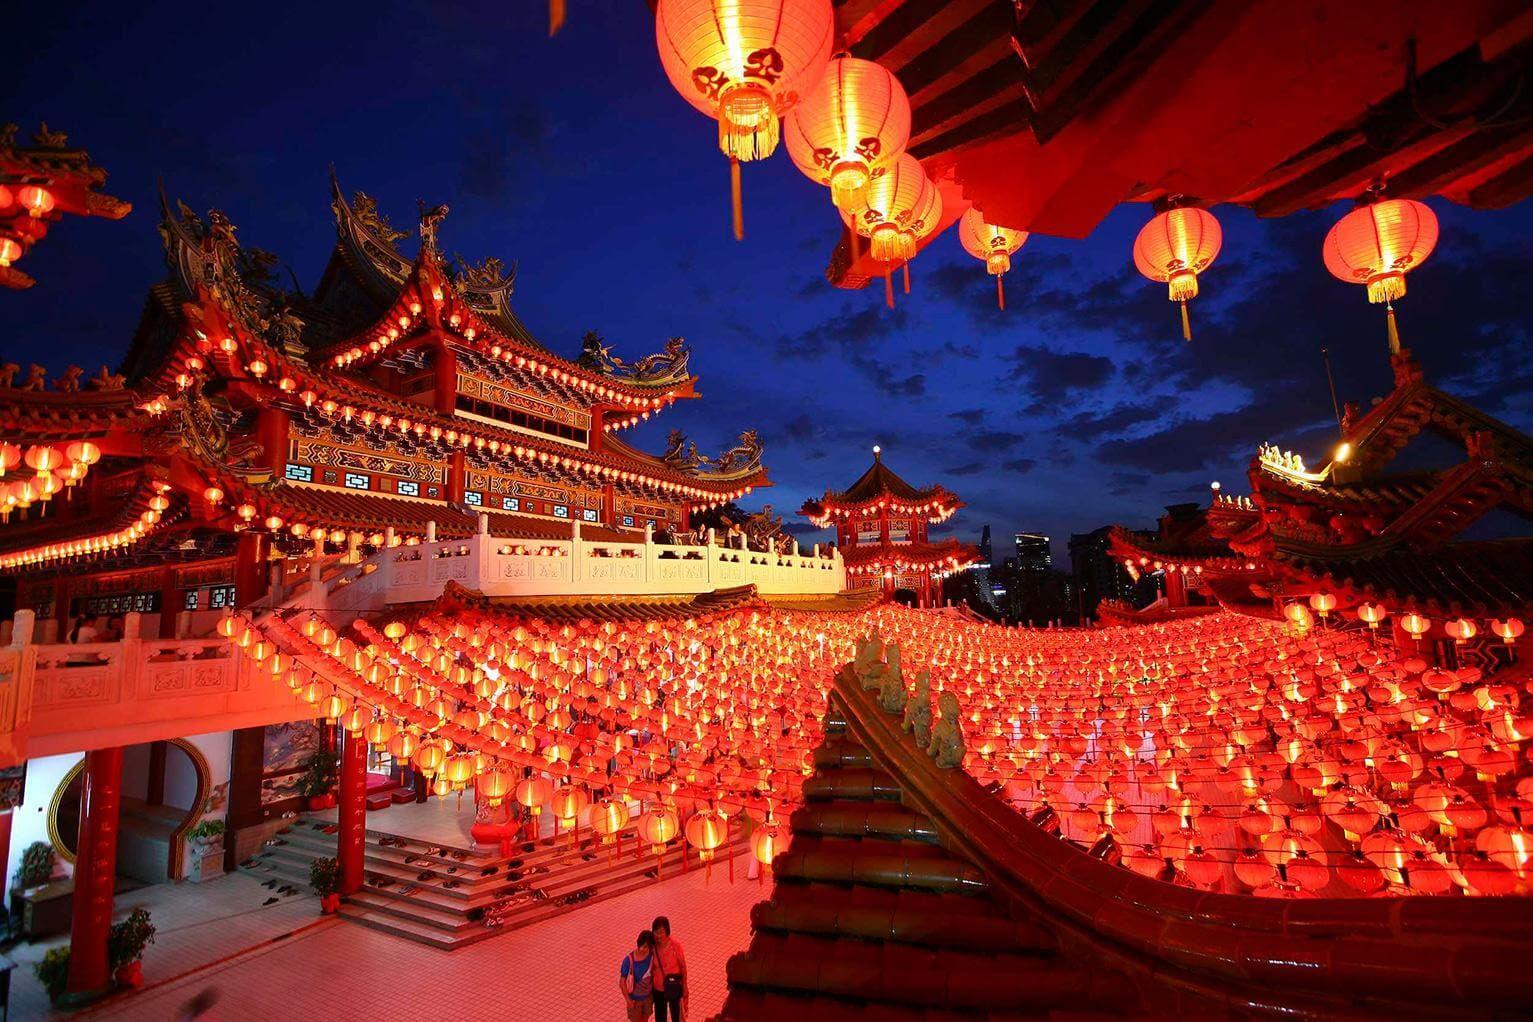 Evita esto para recibir el Año Nuevo de acuerdo a cultura de China